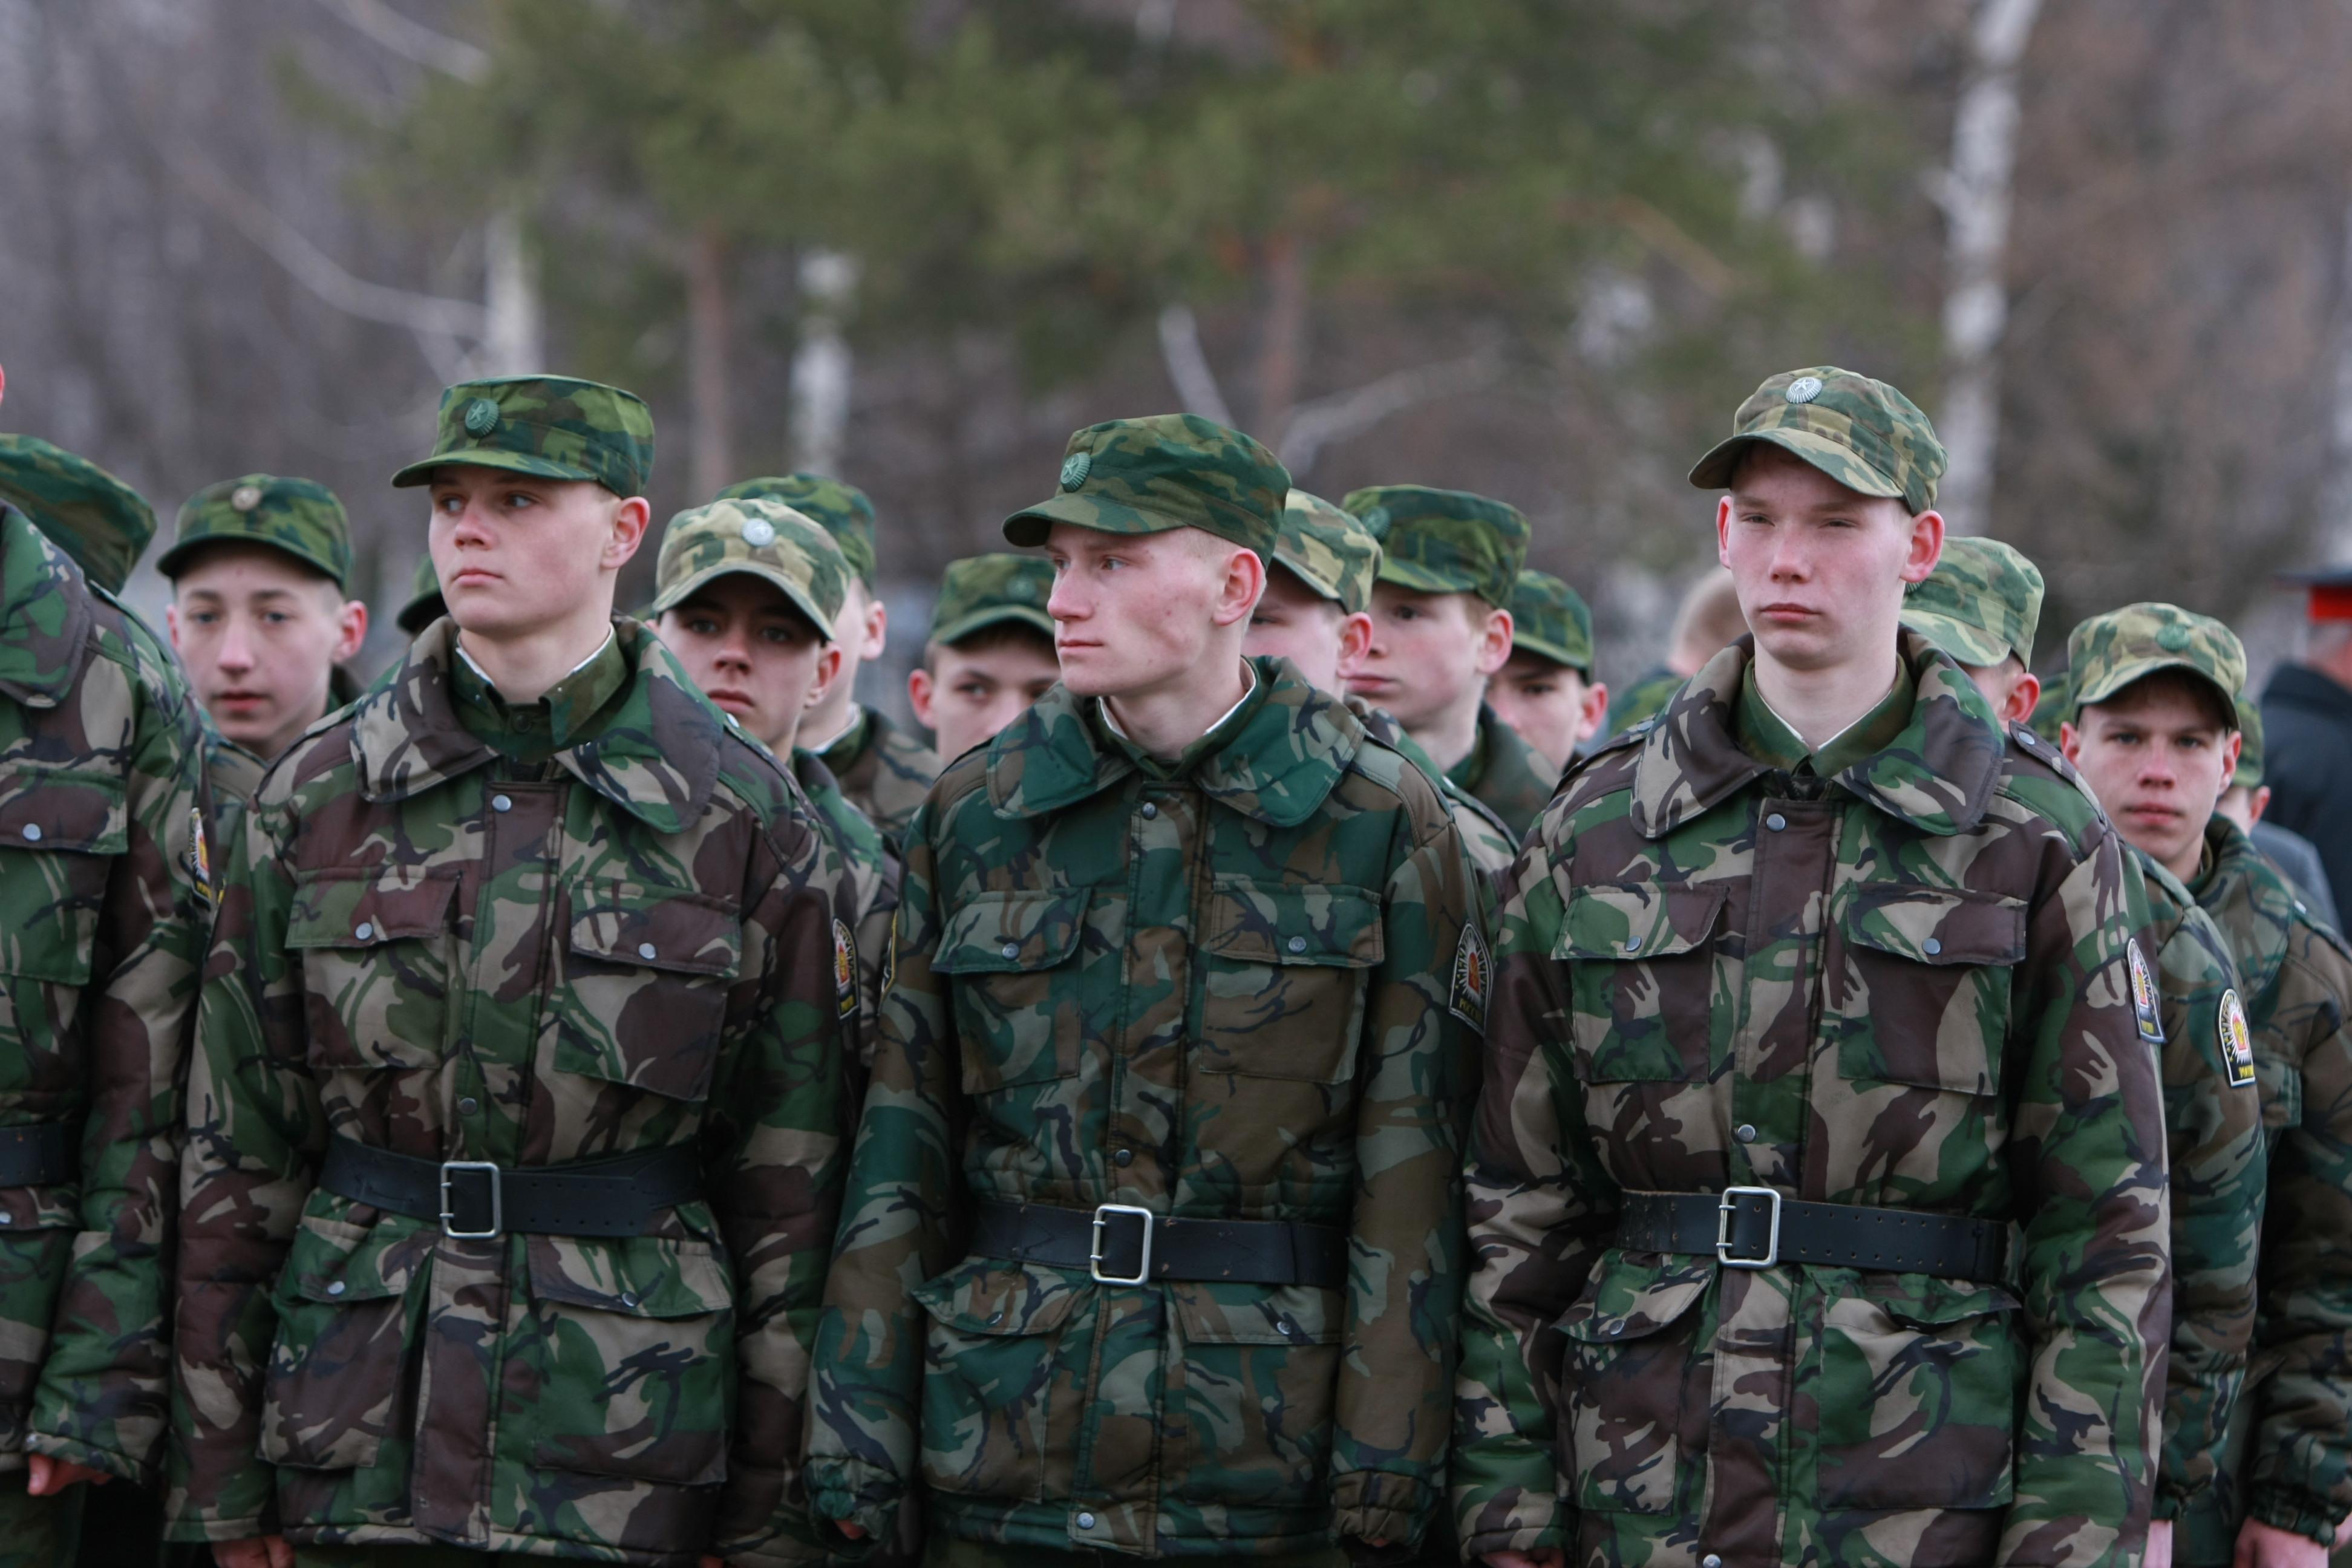 Ввоенной части под Пермью умер призывник изМагнитогорска